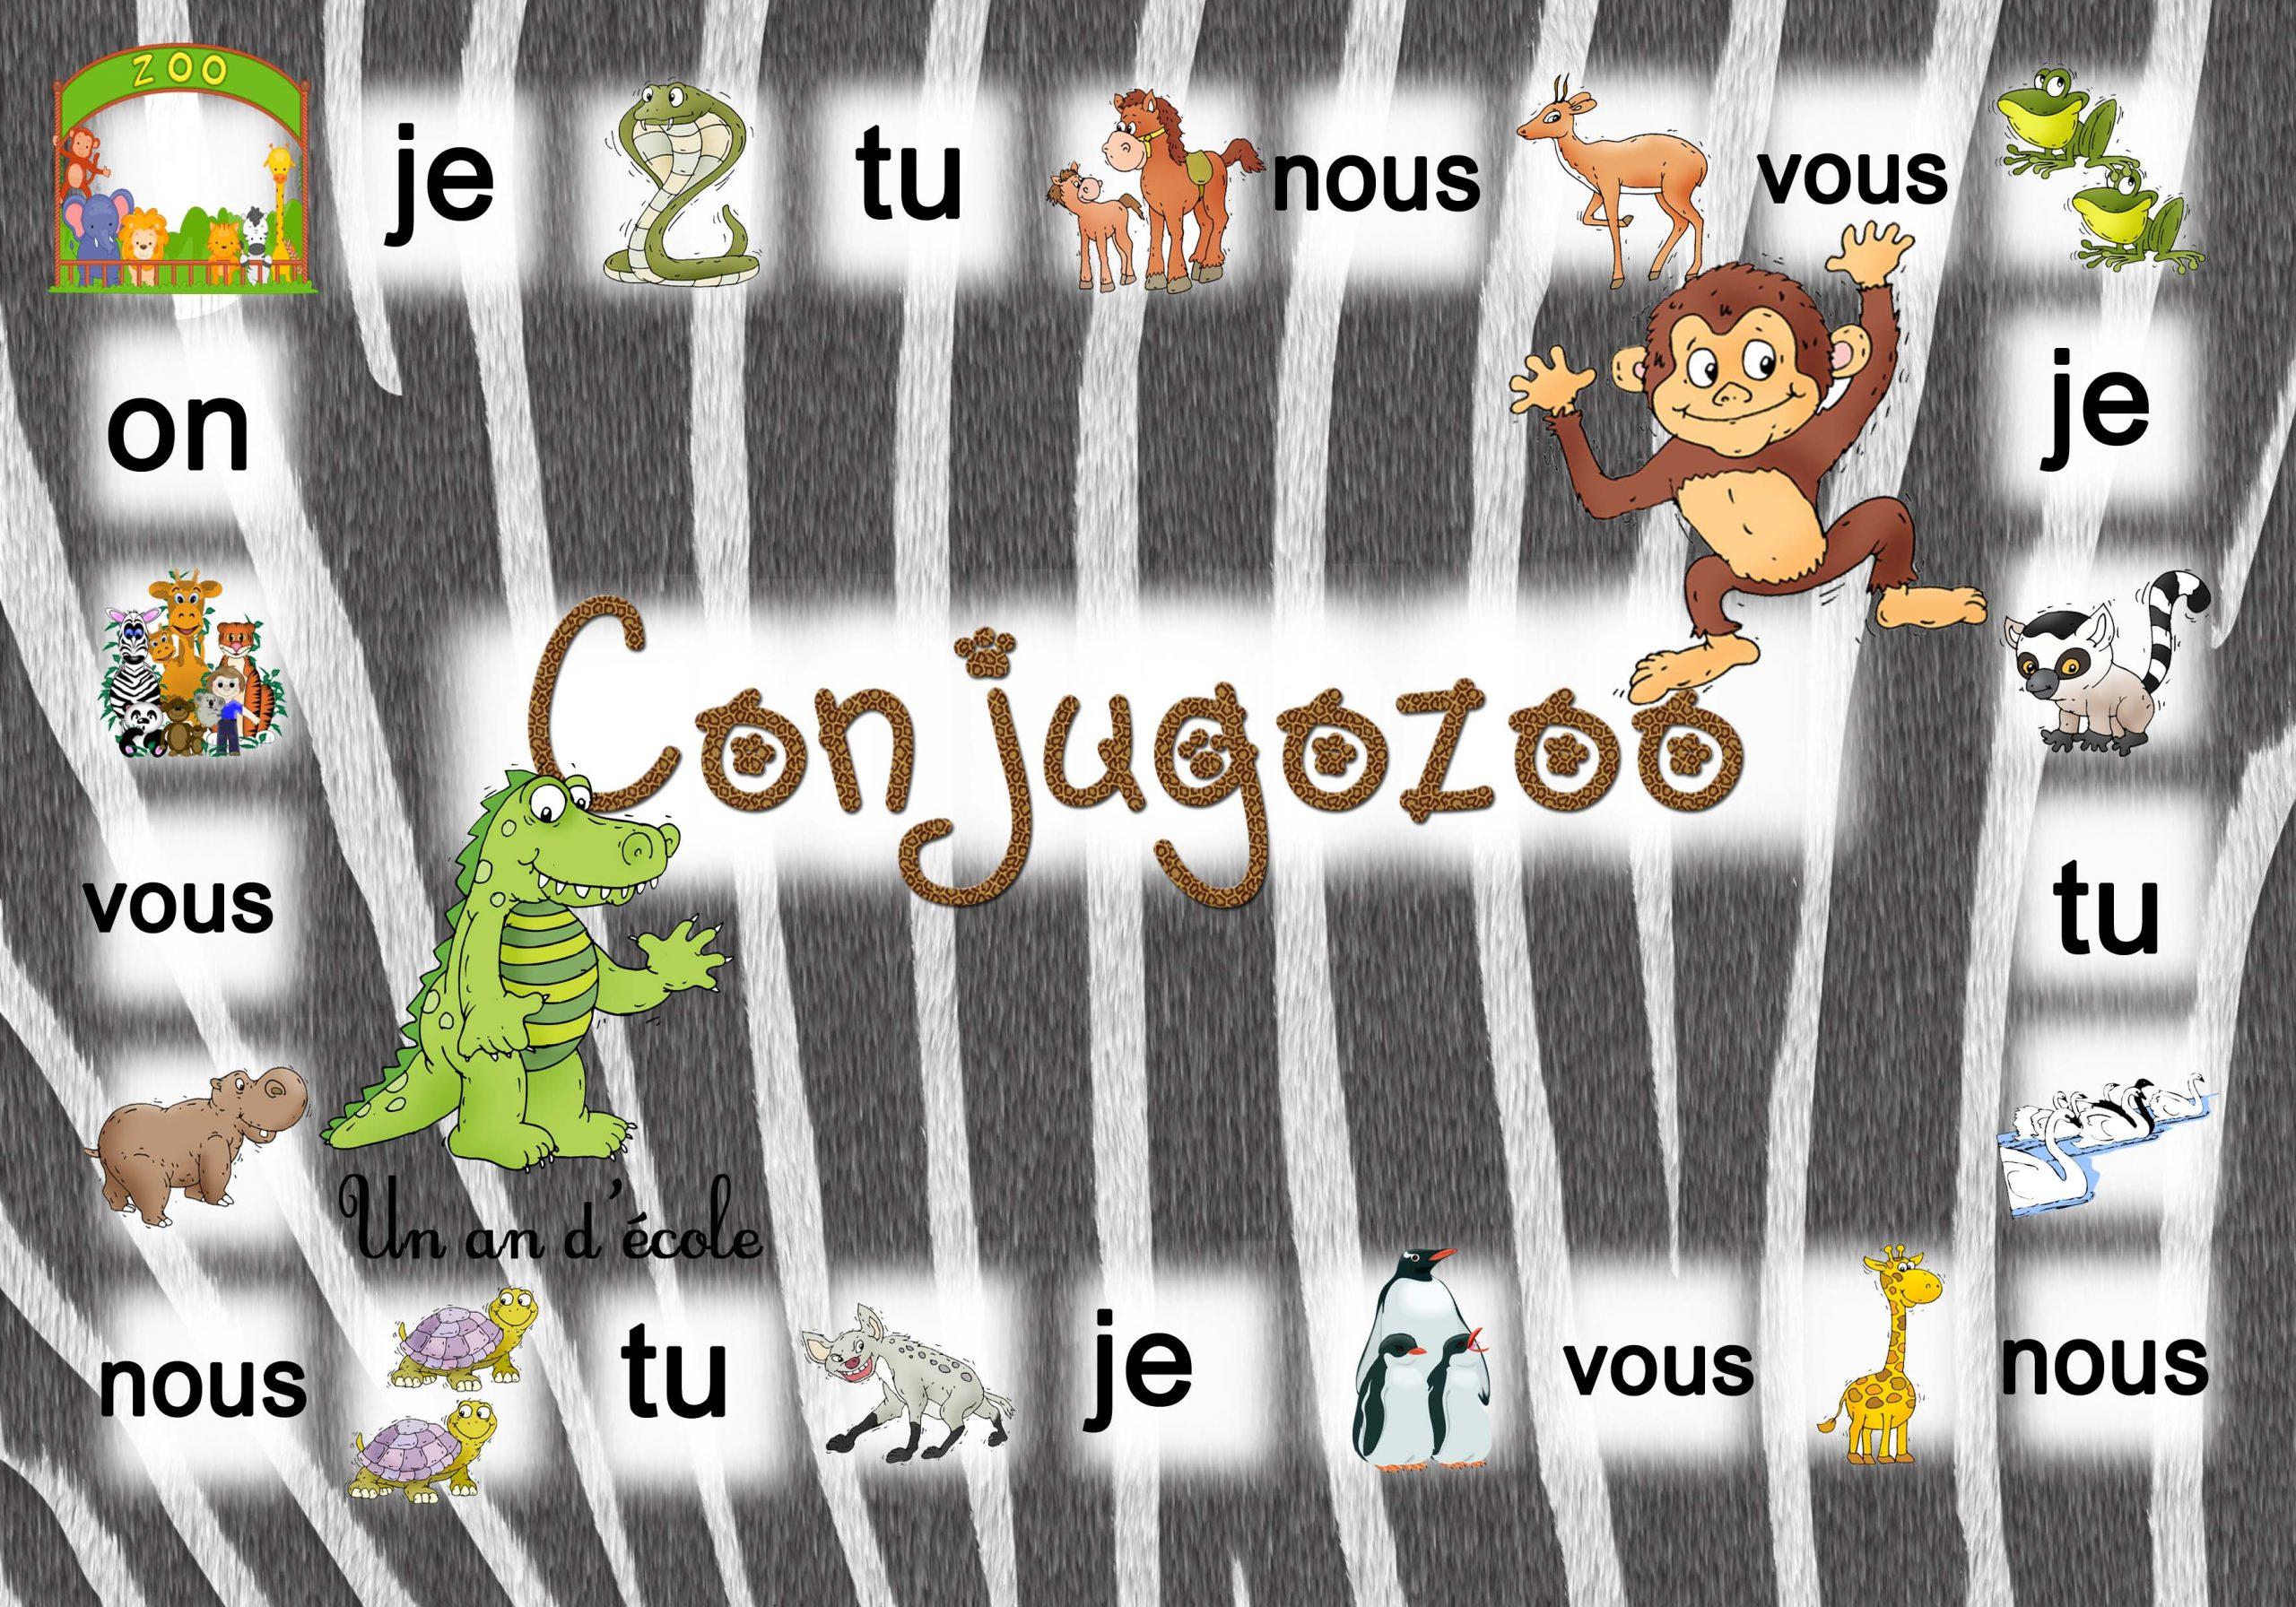 Conjugozoo : Jeu Pour Conjuguer Du Ce1 Au Cm2 En Passant Par à Jeux Educatif Ce1